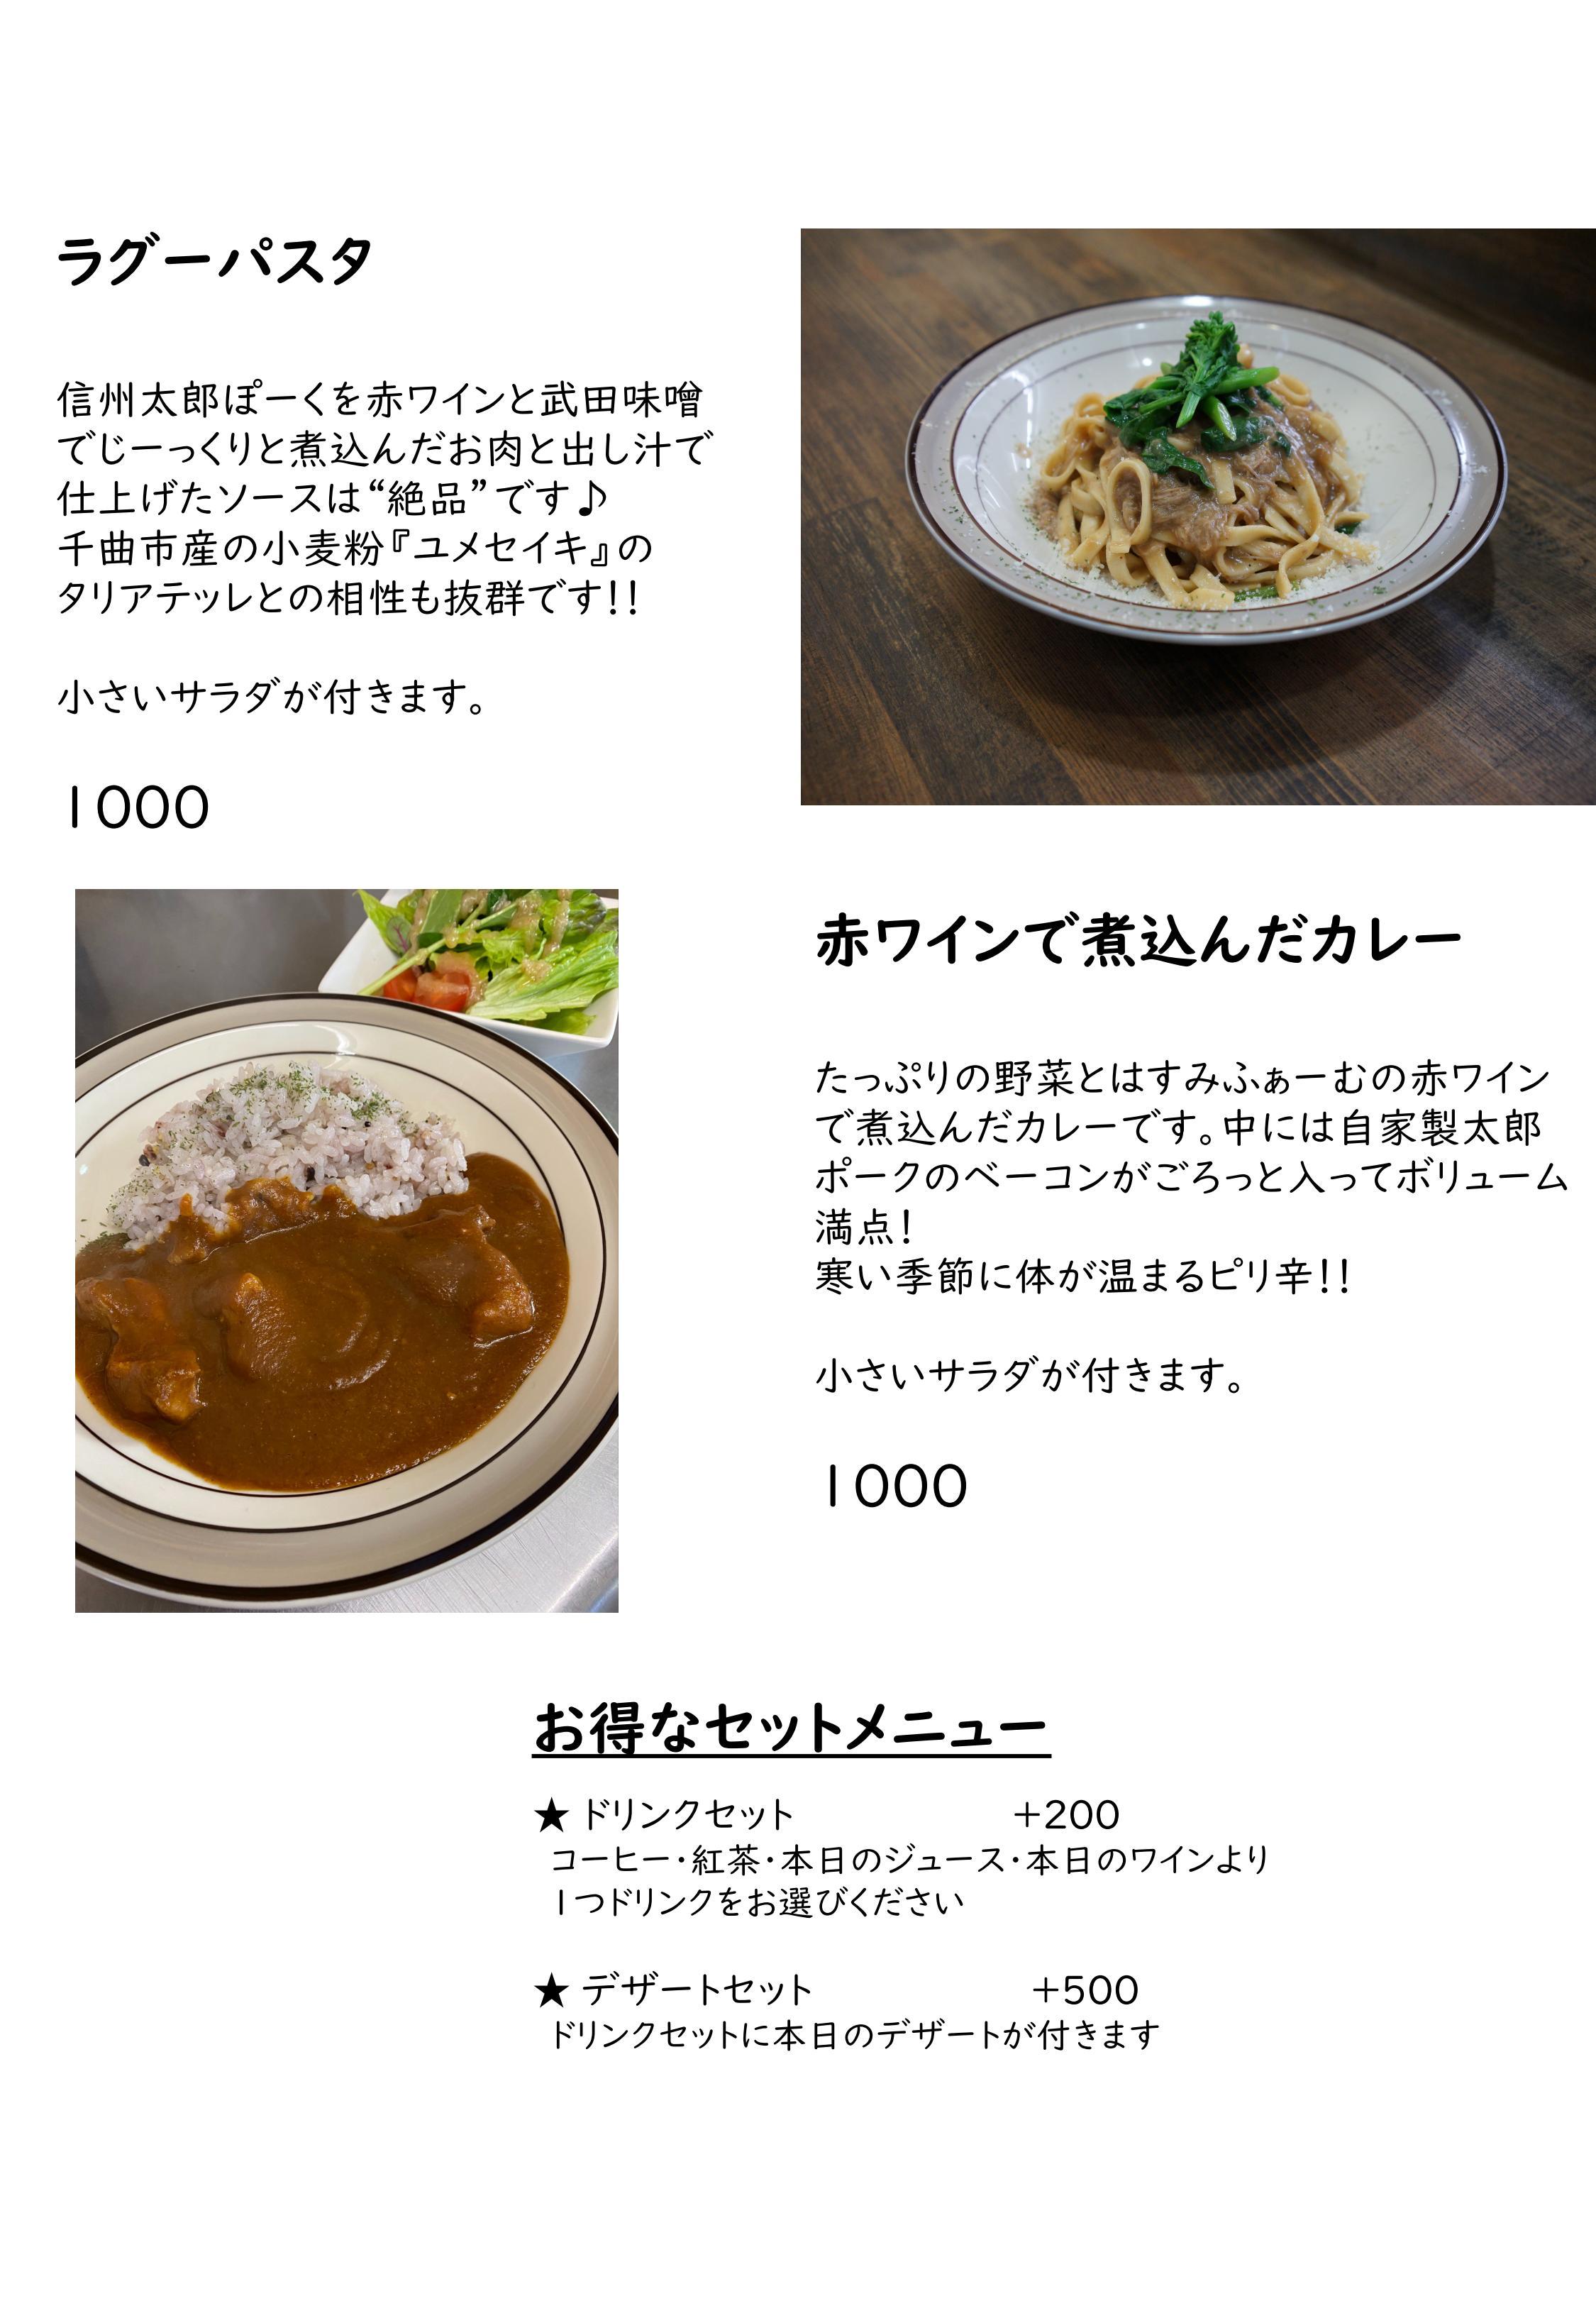 メニュー2020Jan_02.jpg